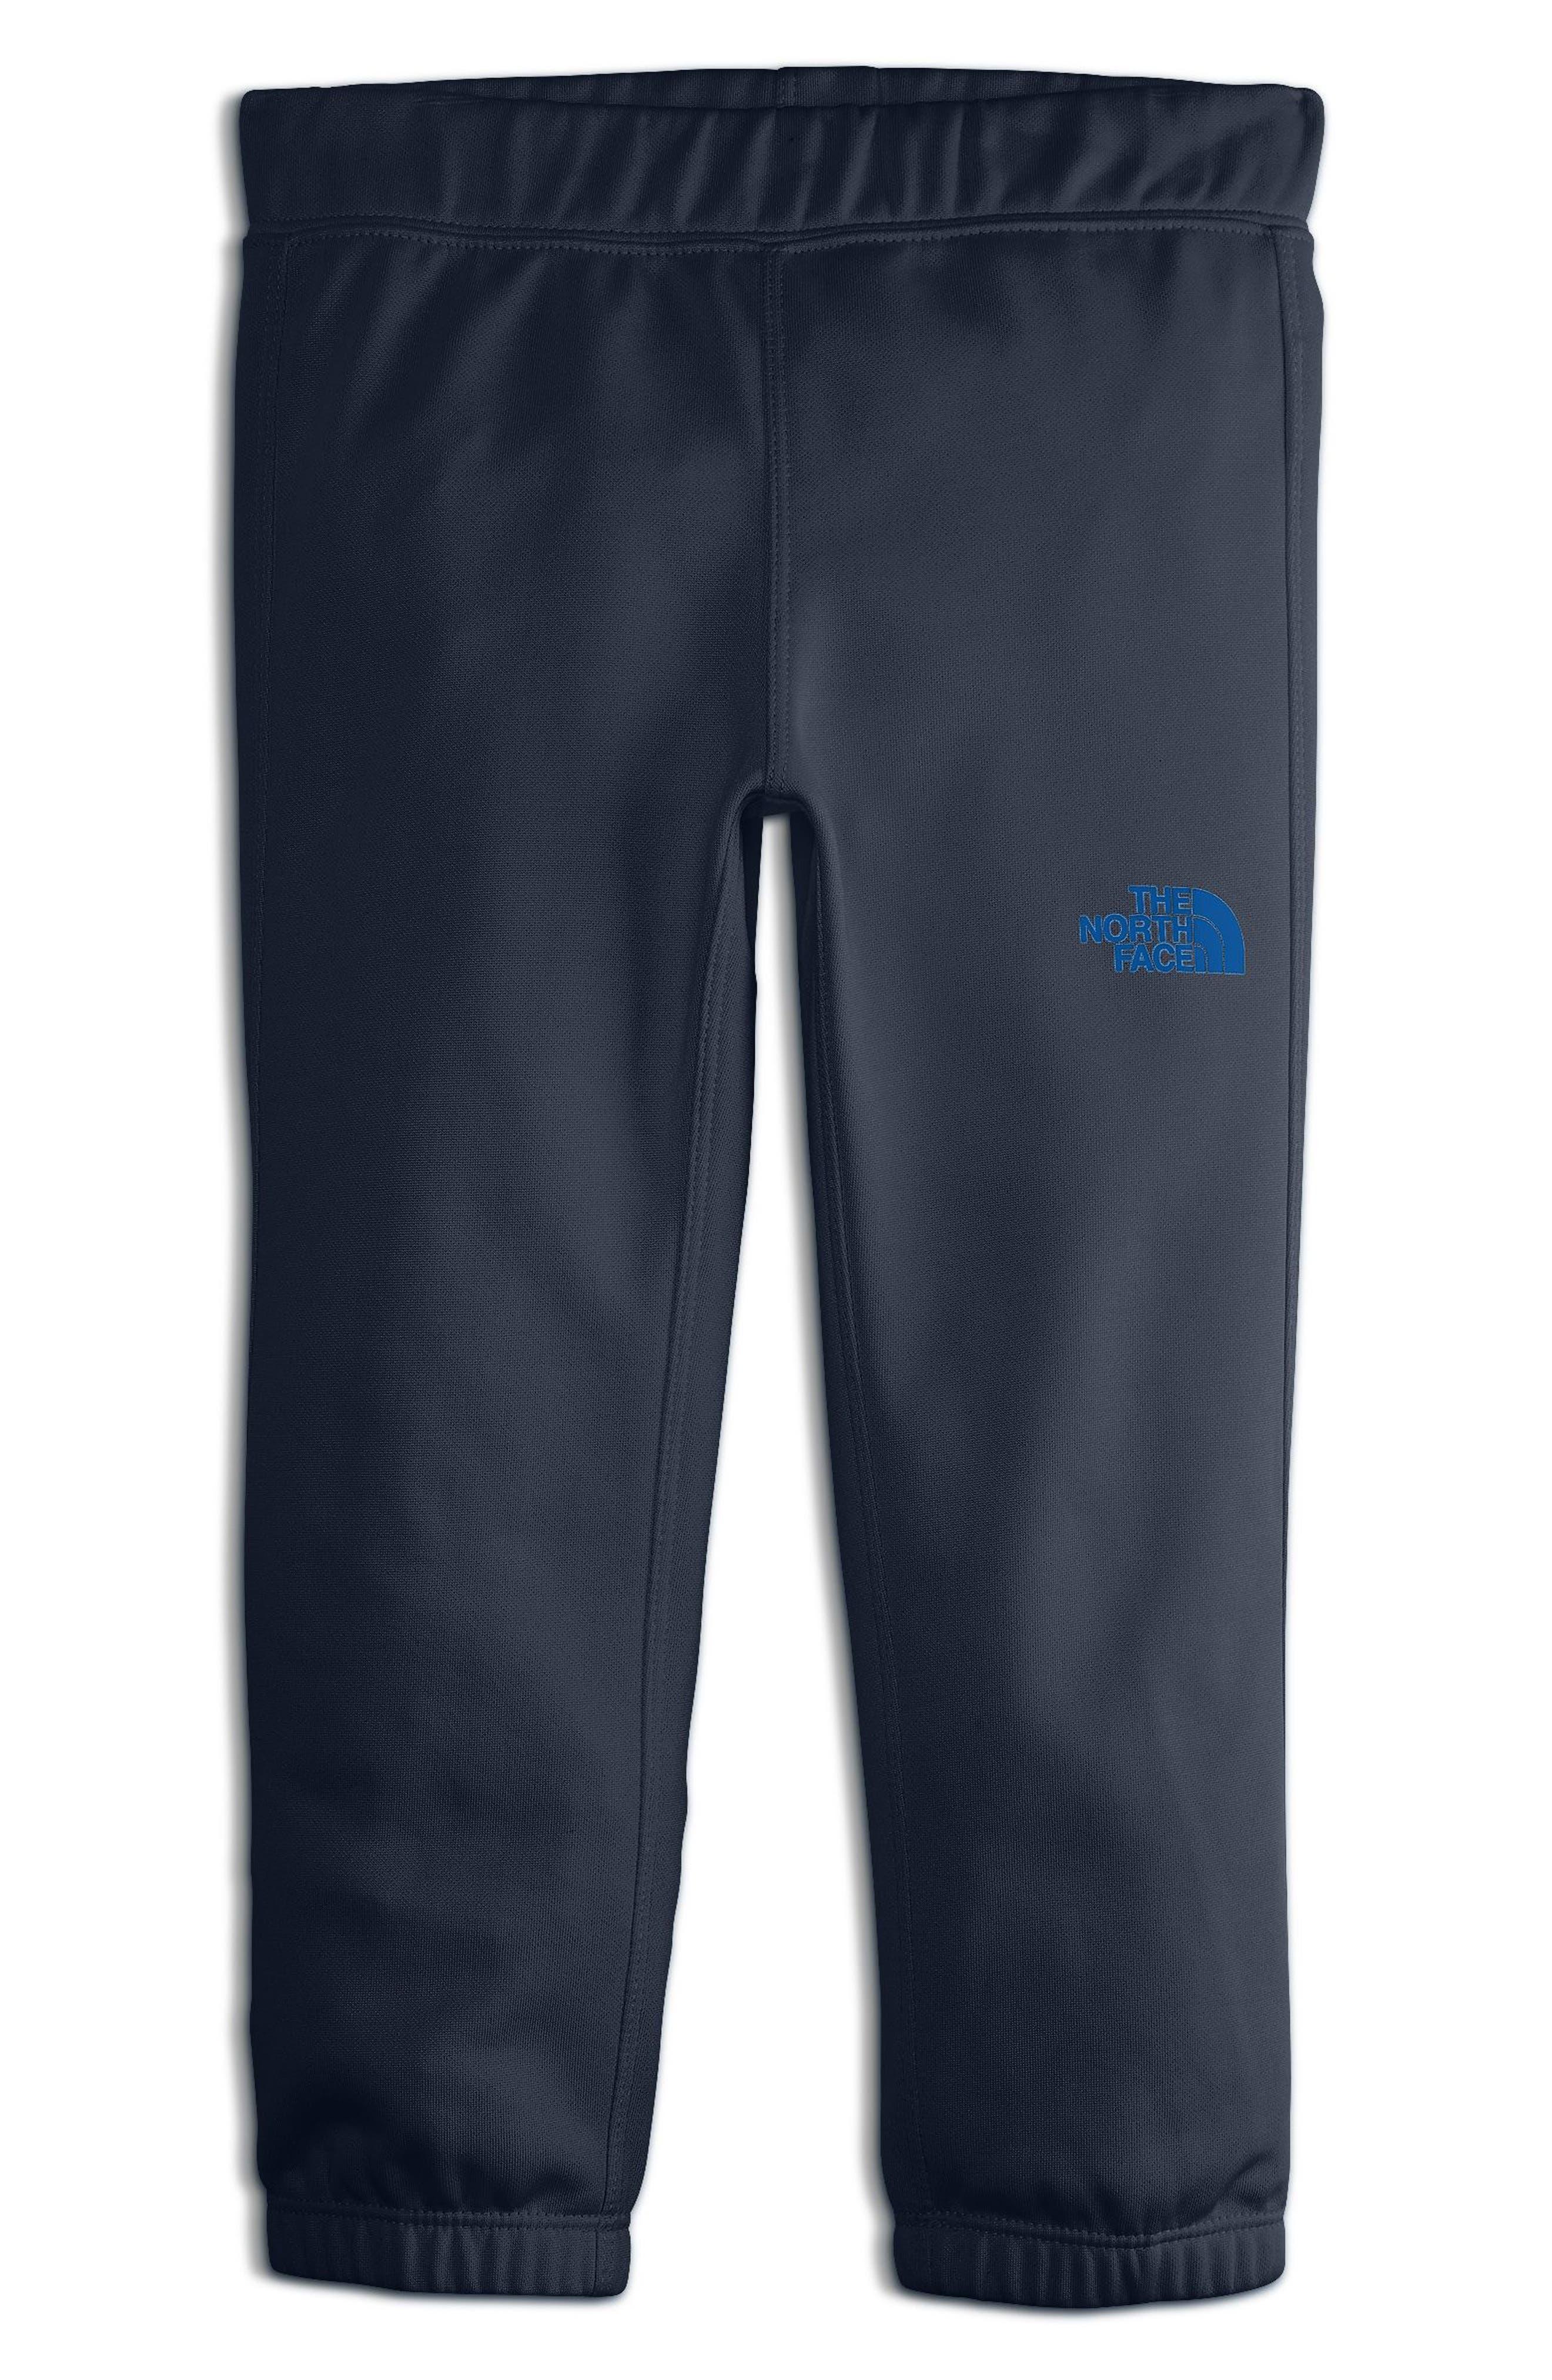 Surgent Sweatpants,                             Main thumbnail 1, color,                             COSMIC BLUE